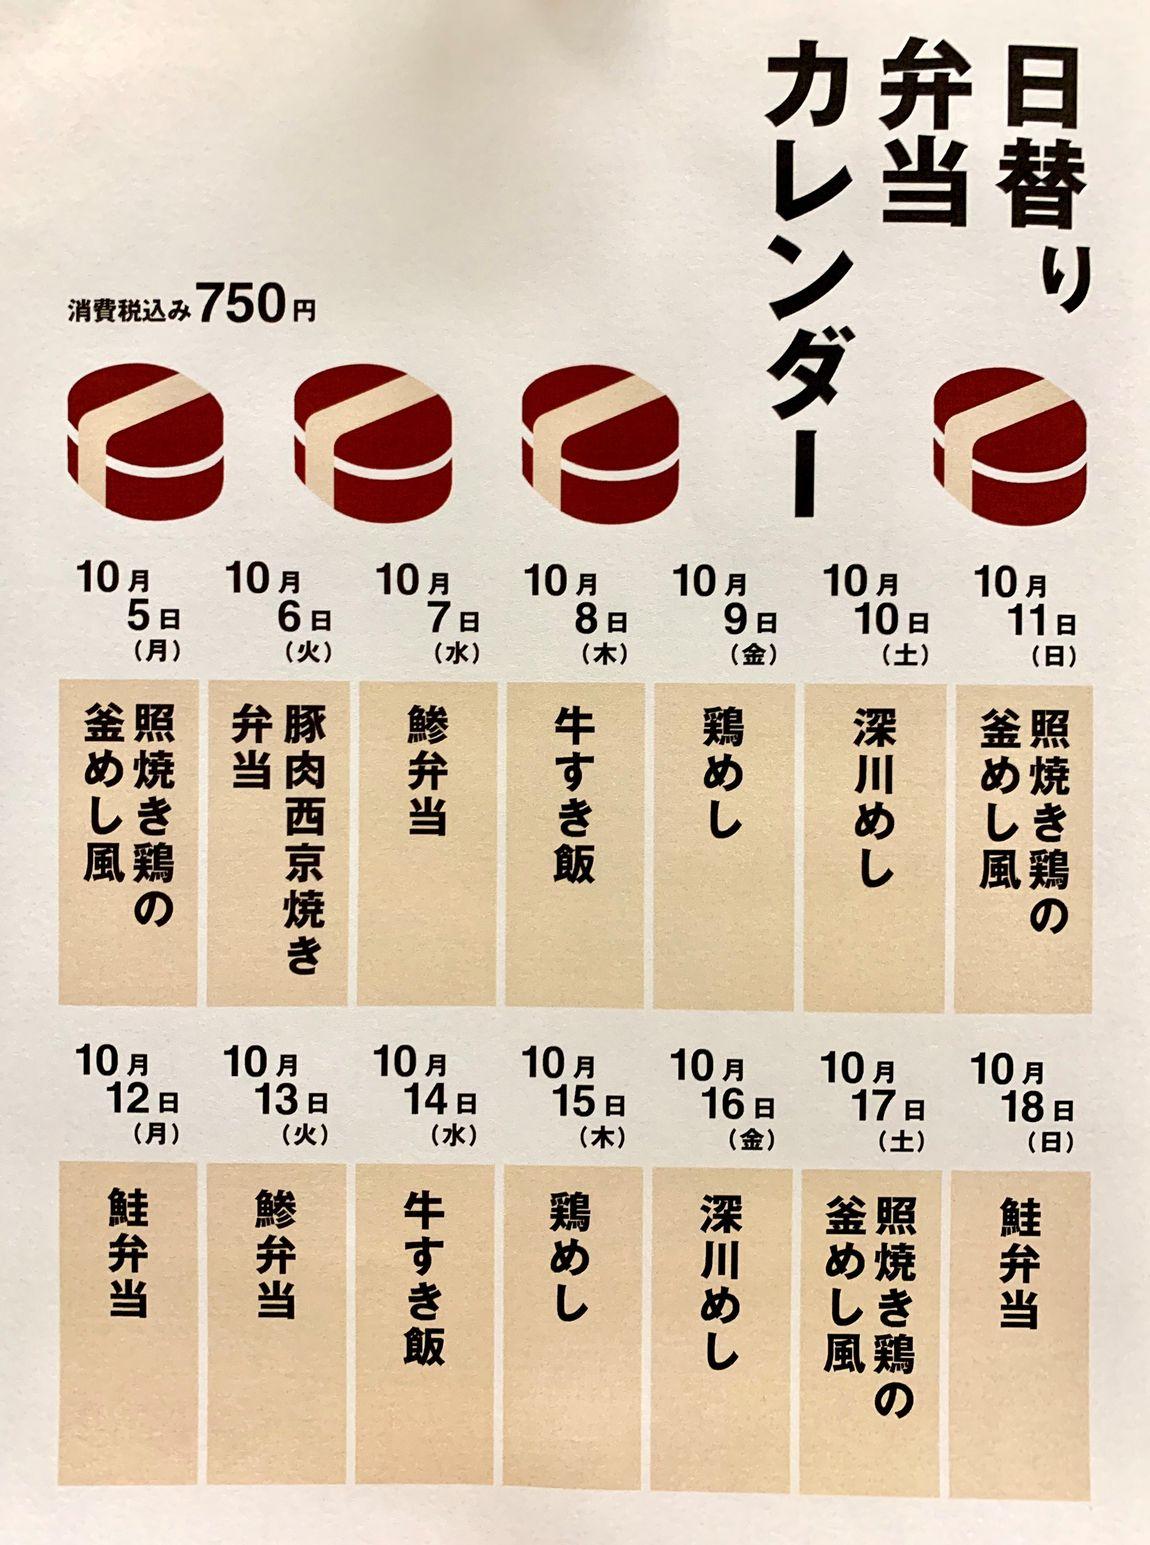 【銀座】日替り弁当スケジュールのお知らせ|1F お弁当売り場